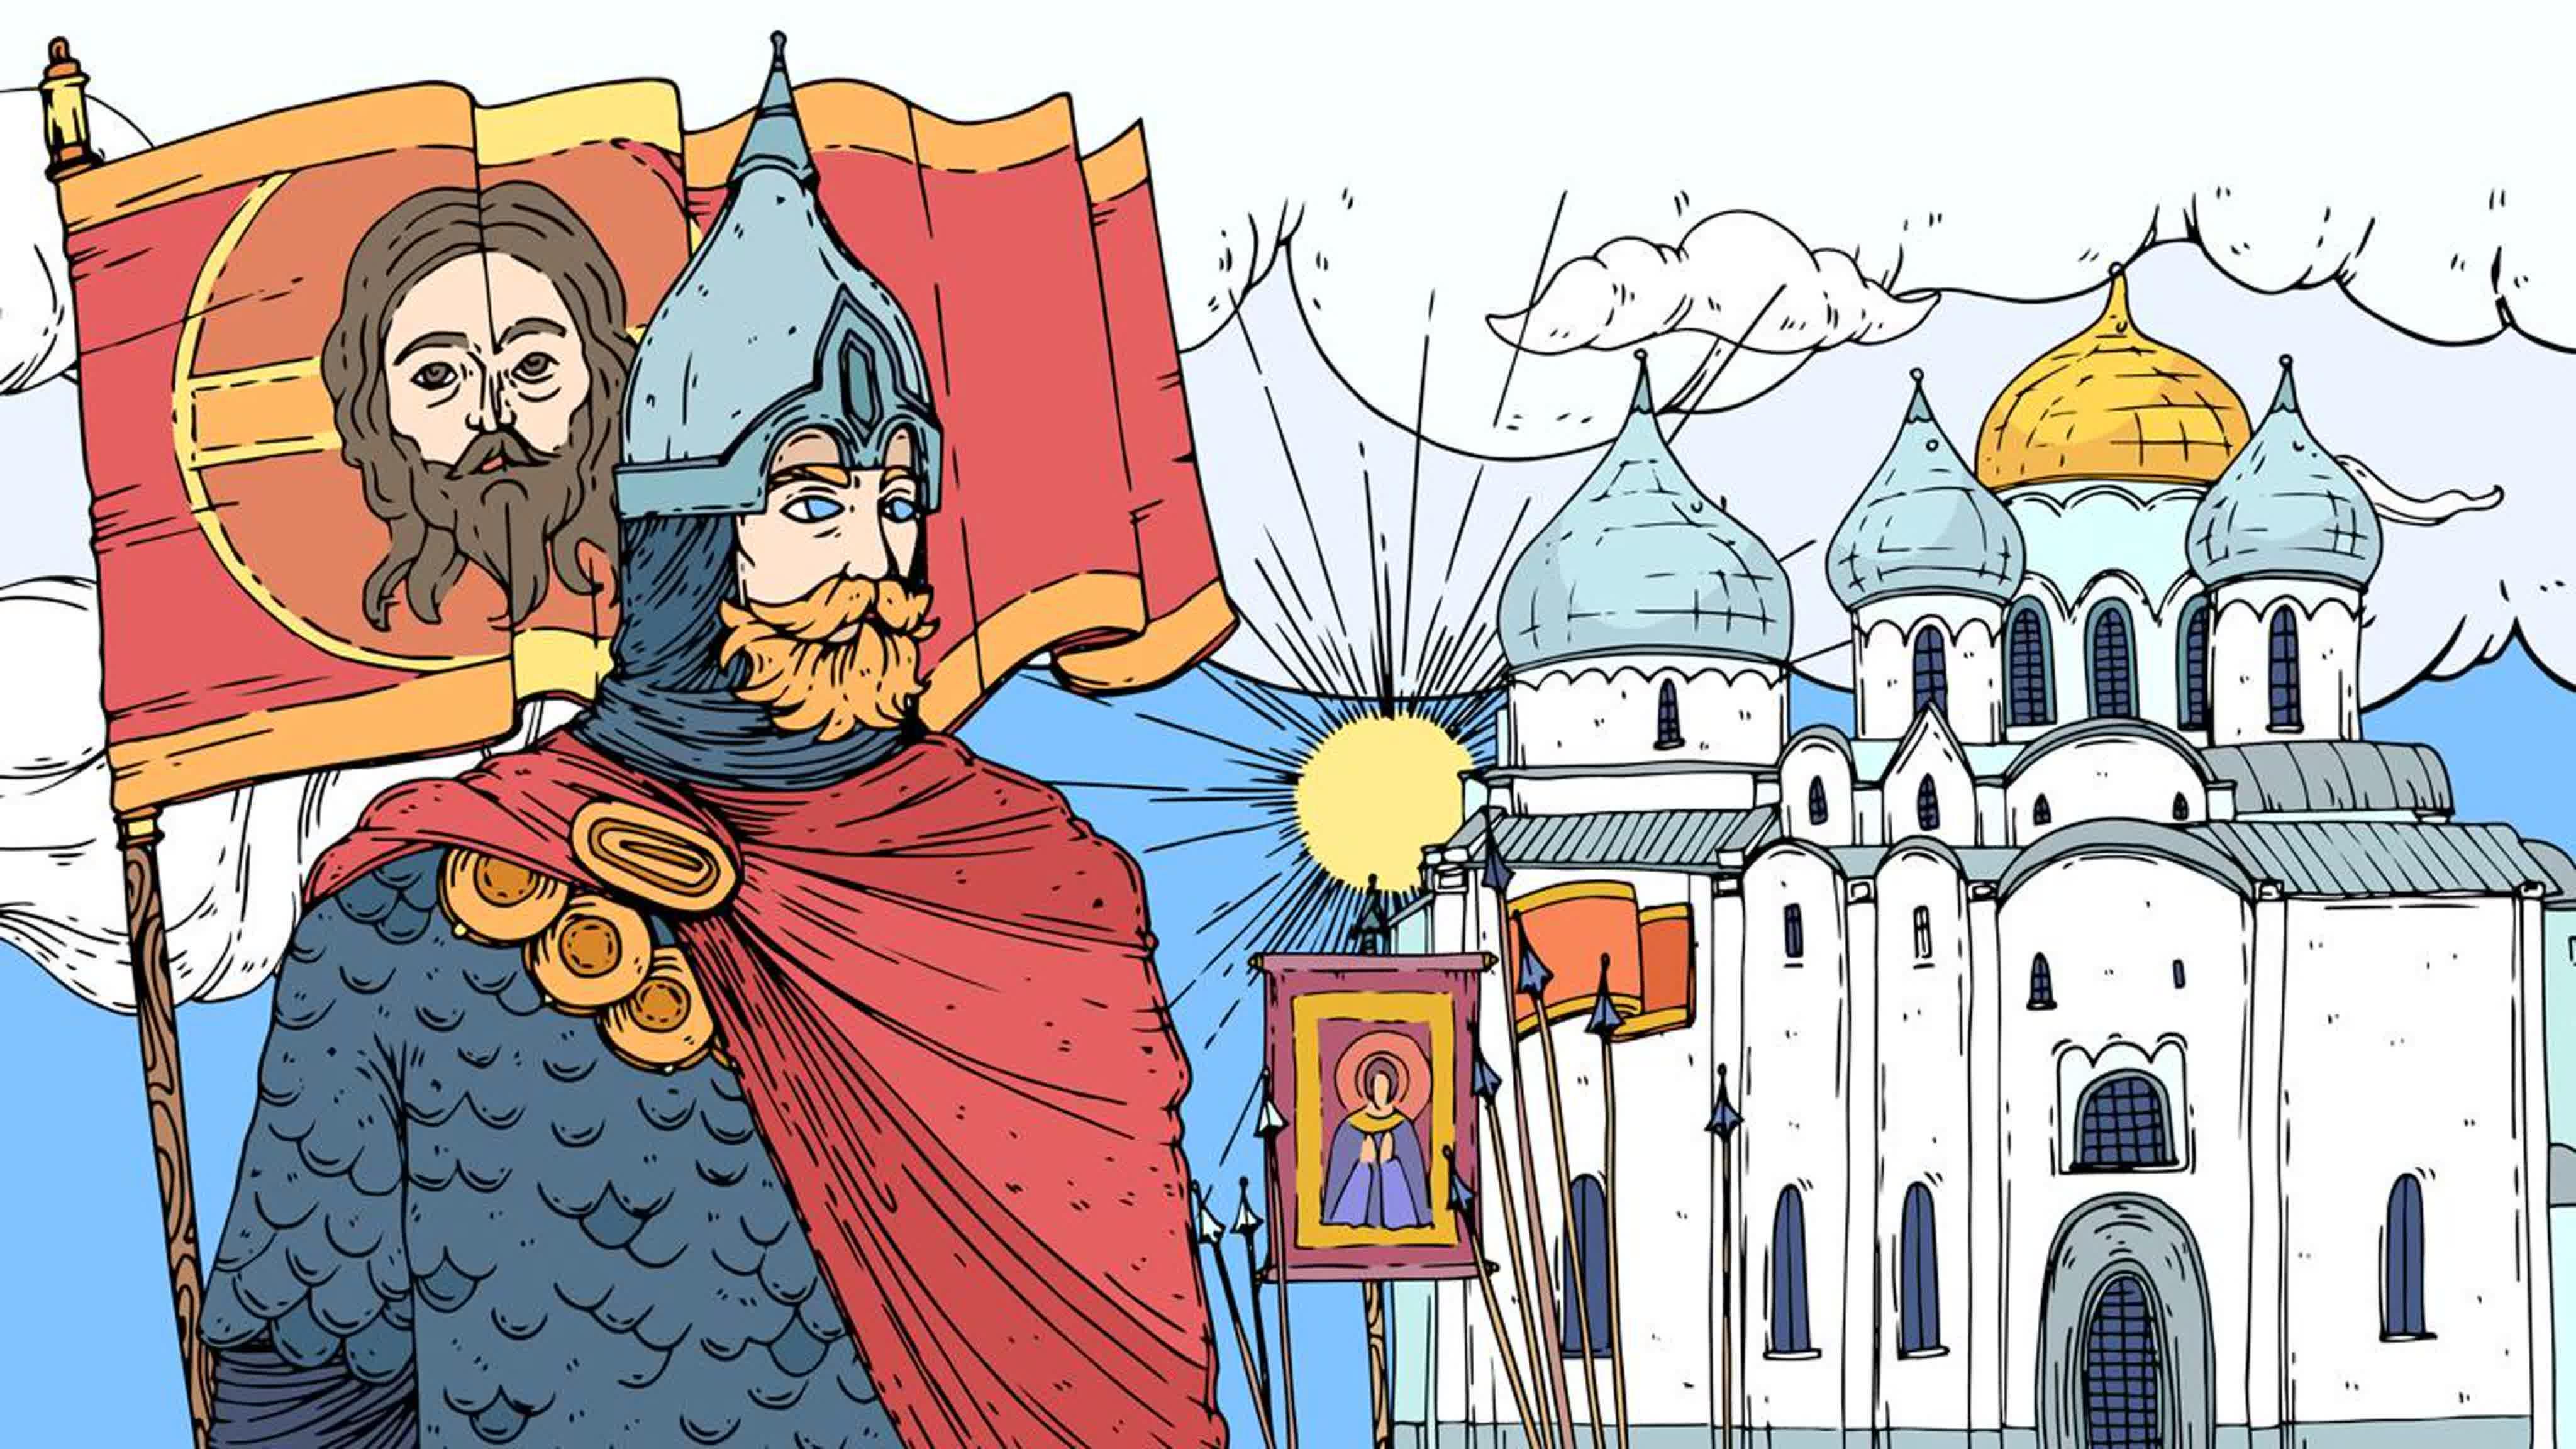 АЛЕКСАНДР НЕВСКИЙ: ЗАЩИТНИК ЗЕМЛИ РУССКОЙ